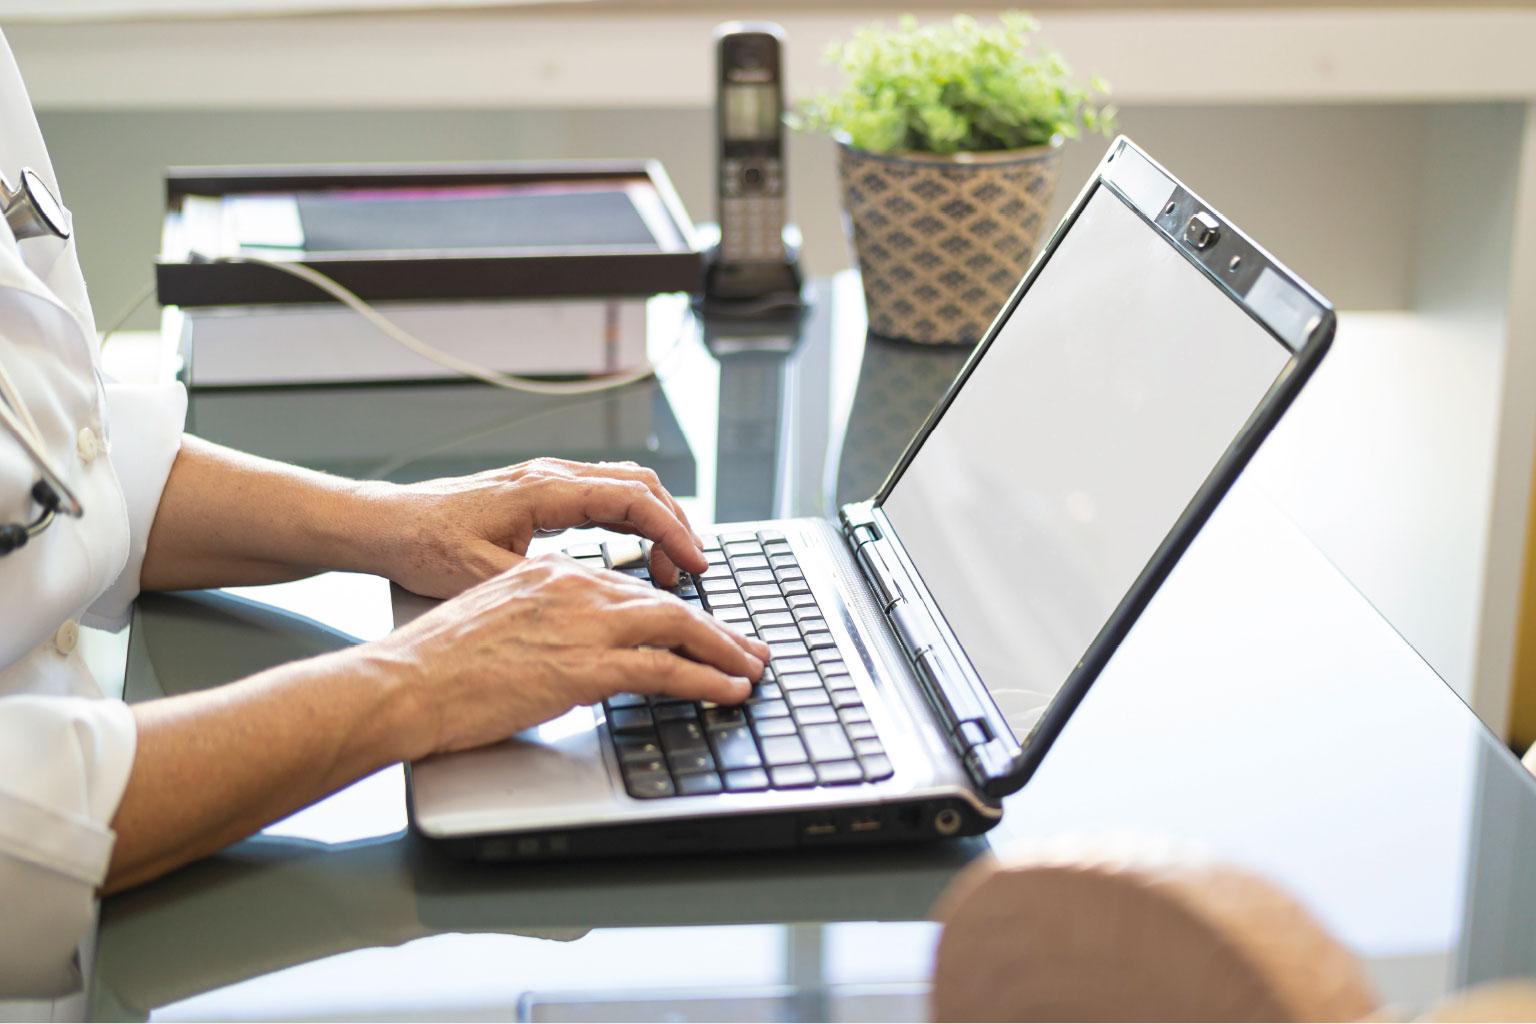 Kobieta sprawdza na komputerze zmiany w prawie ochrony zdrowia